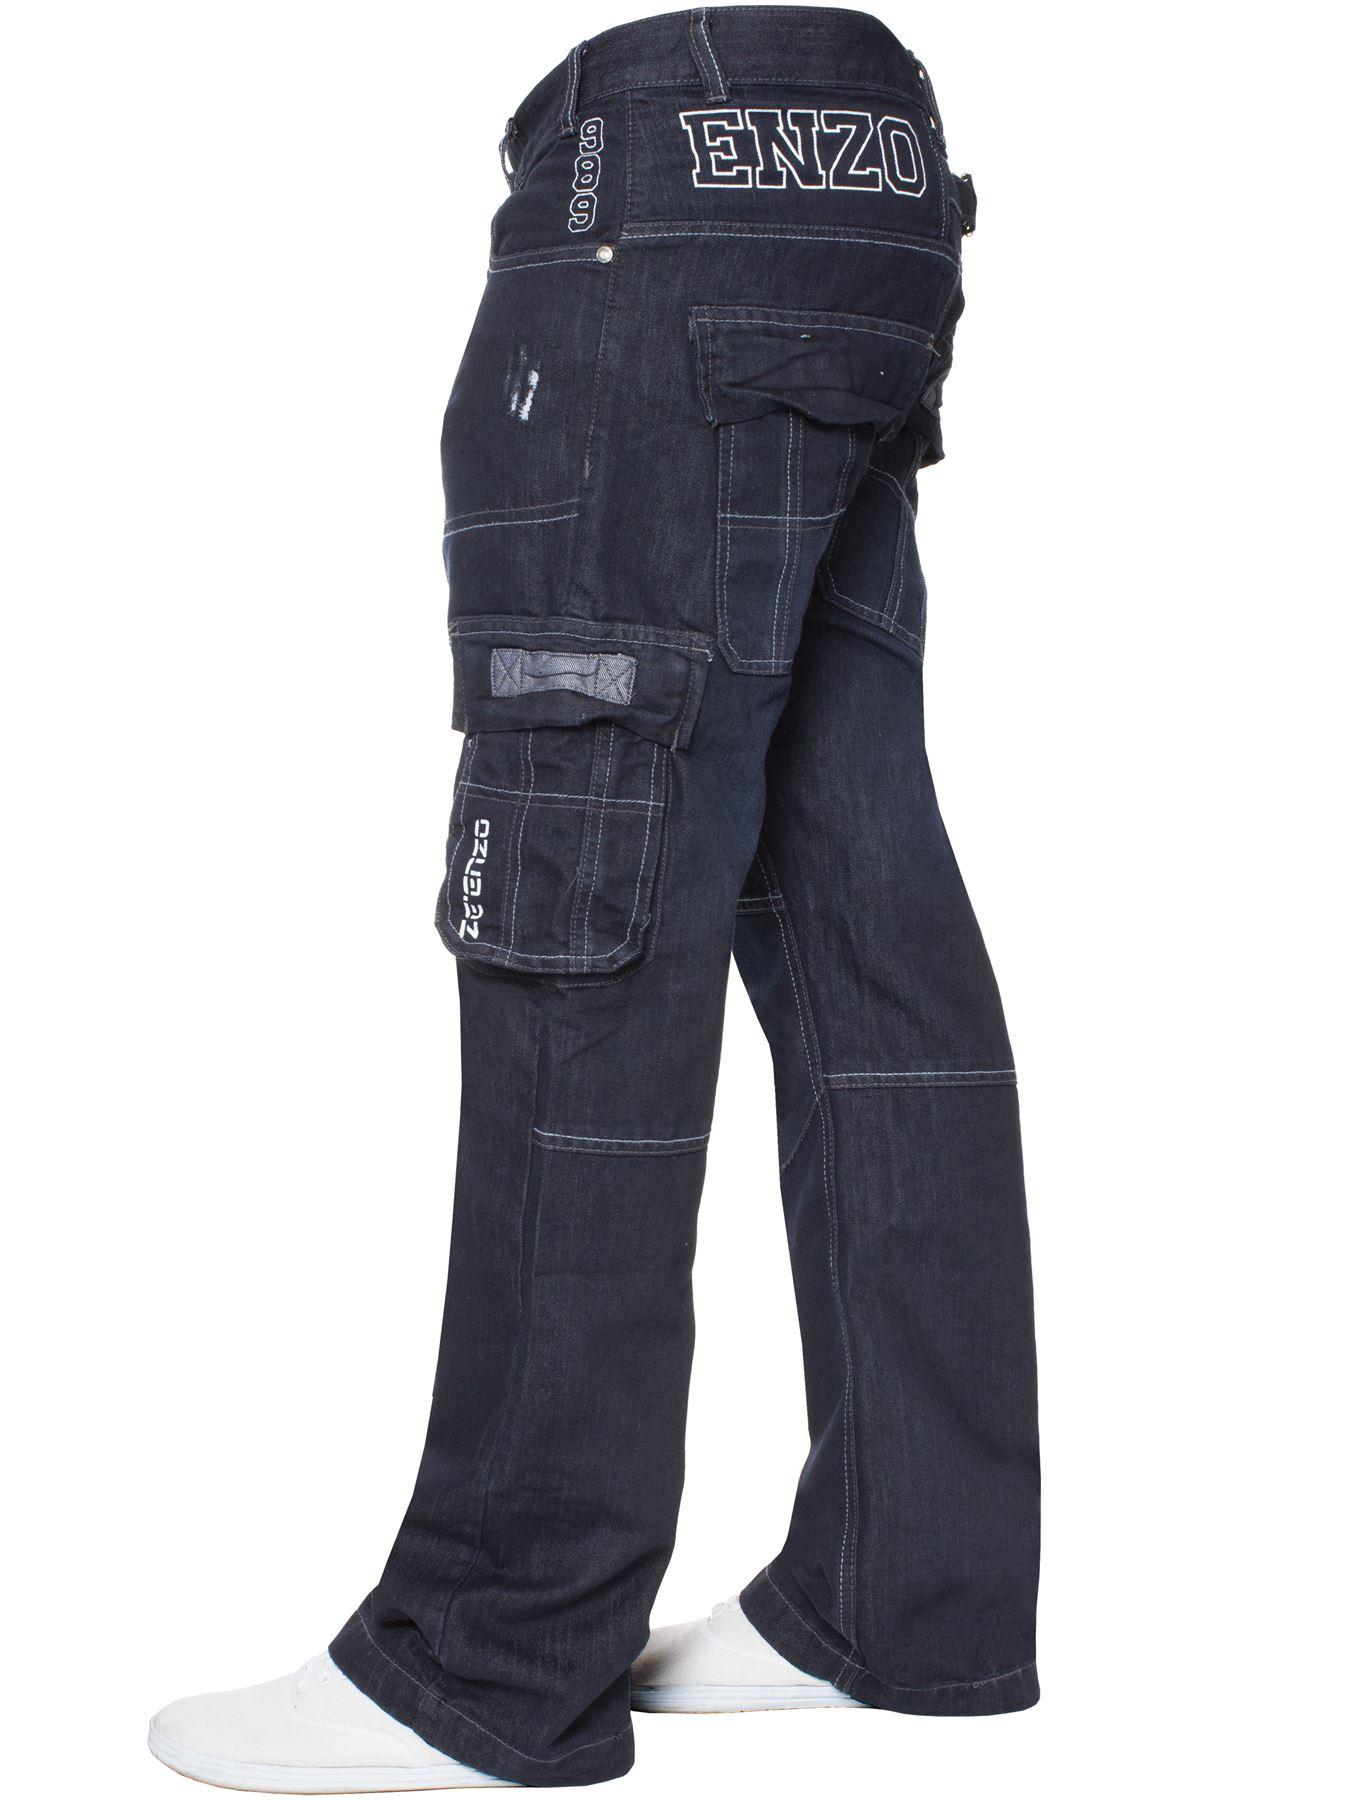 Jeans-Para-Hombre-de-carga-de-combate-pesado-Pantalones-de-trabajo-pantalones-de-mezclilla-Big-King miniatura 25